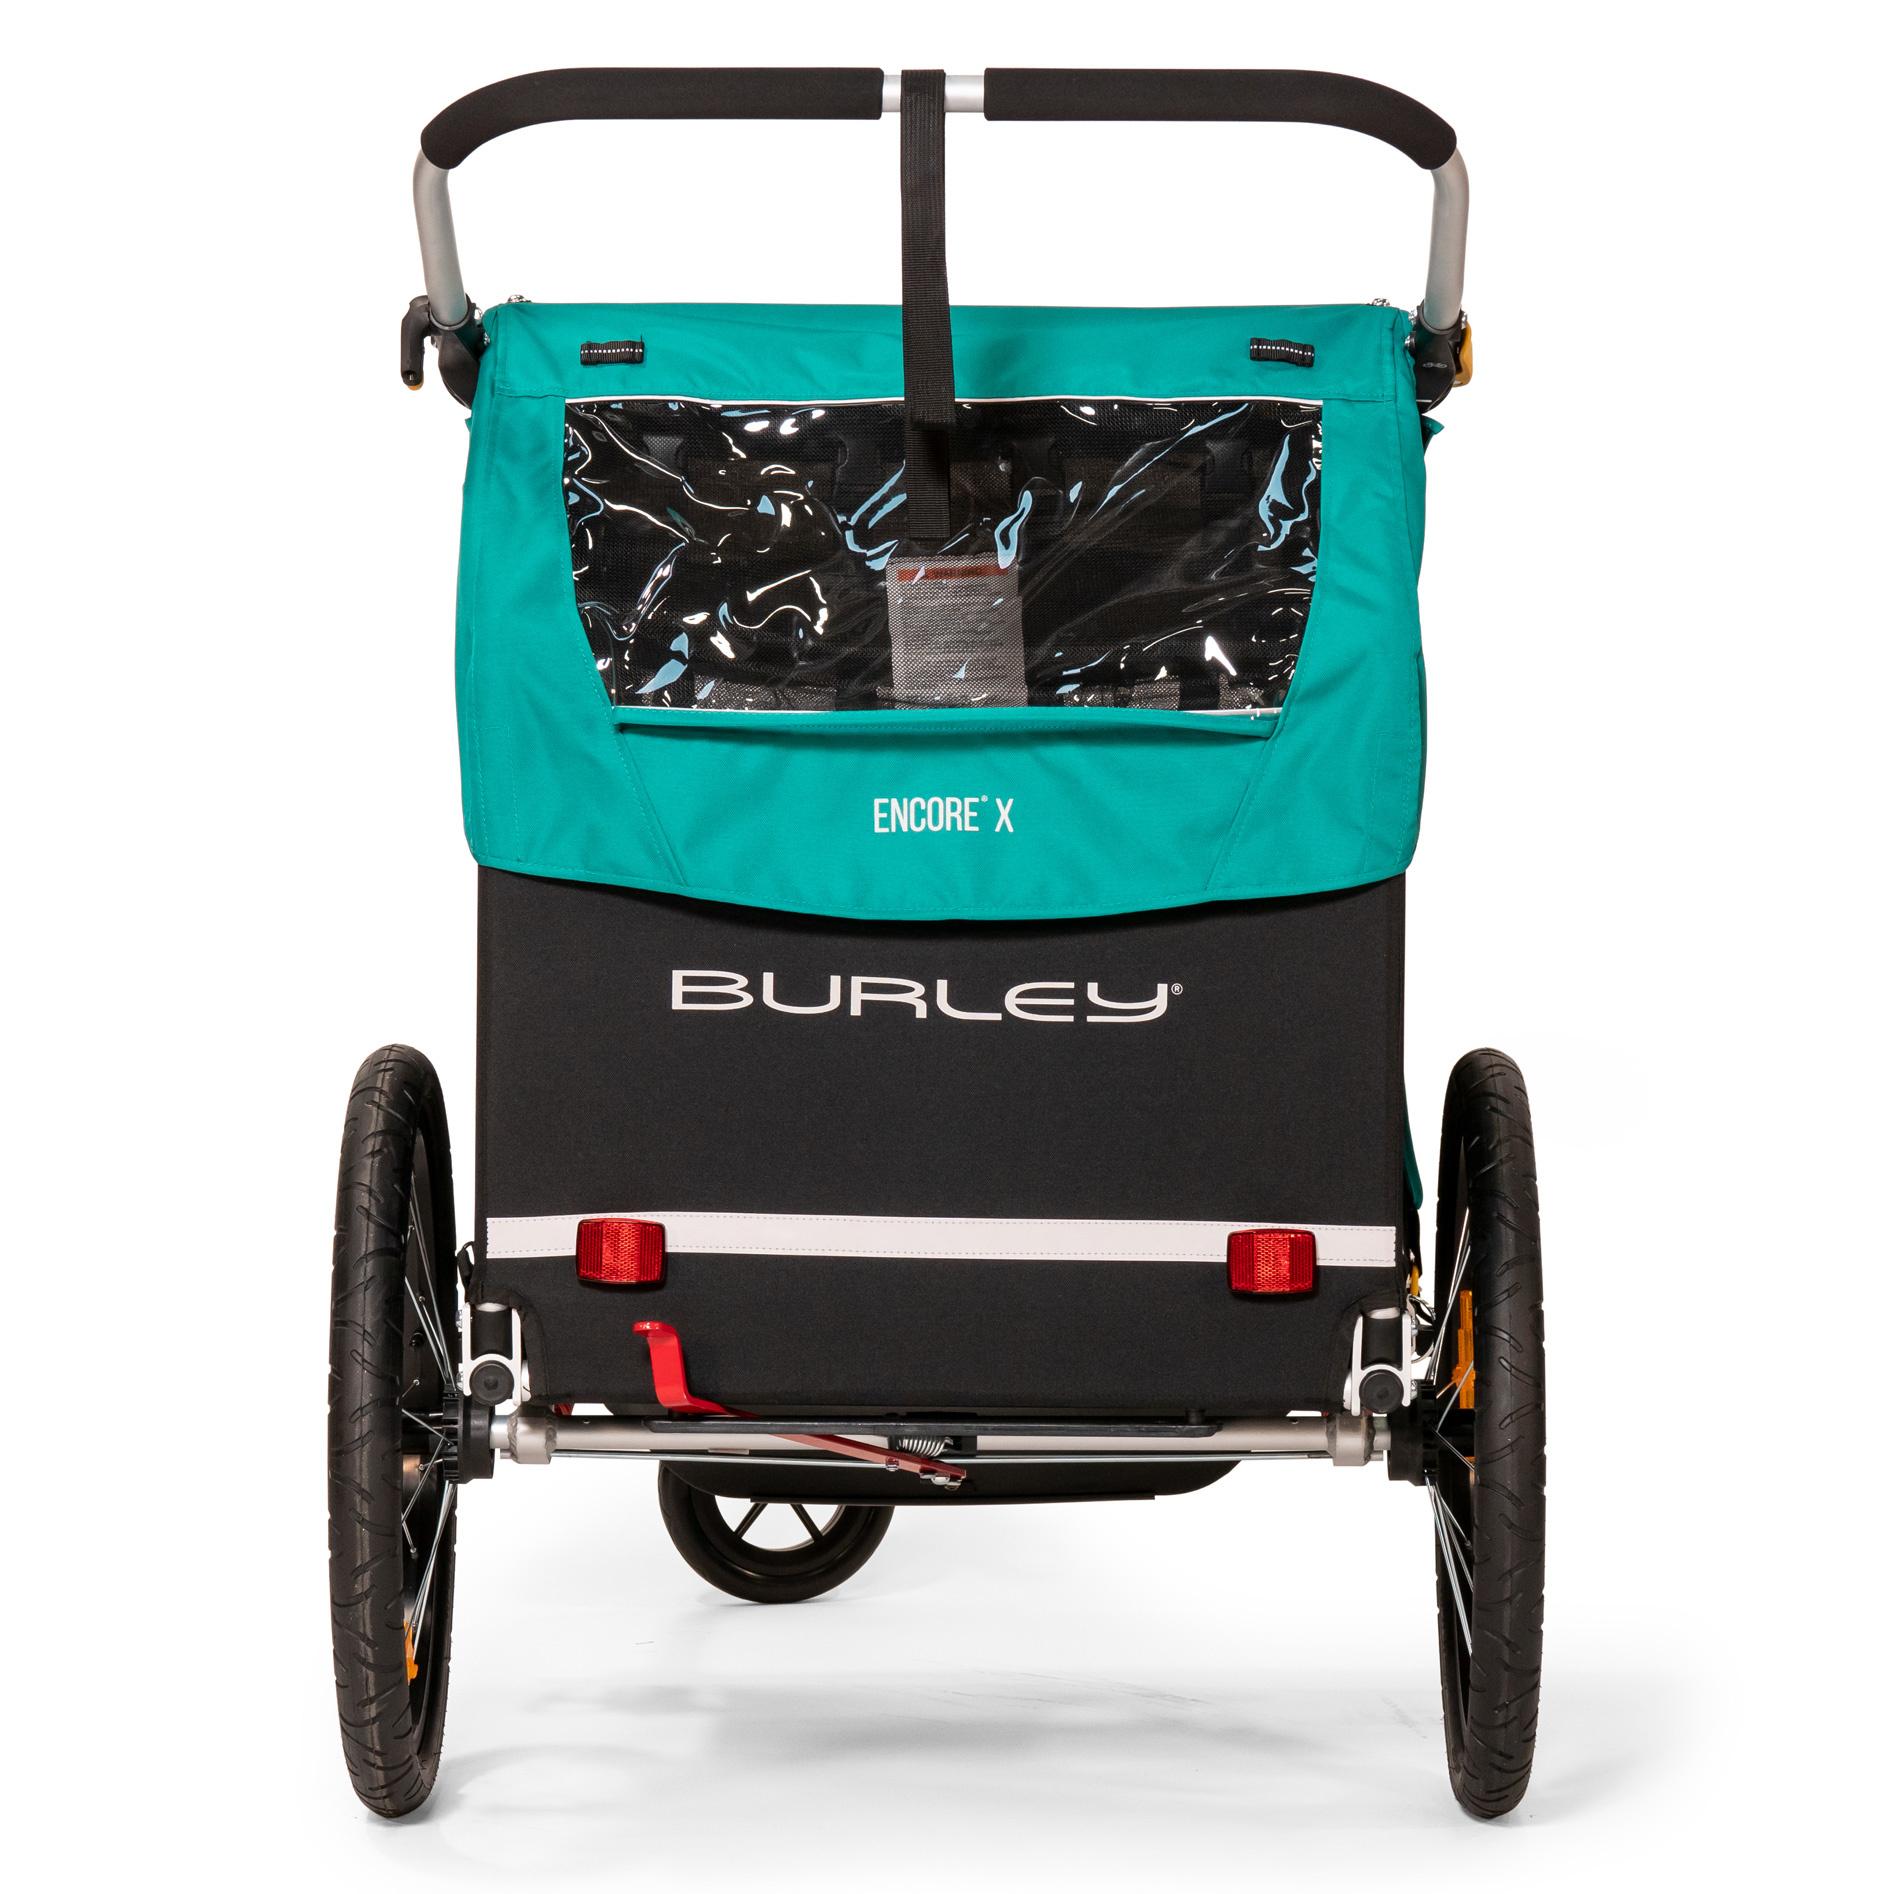 BURLEY Encore X Turqoise-2